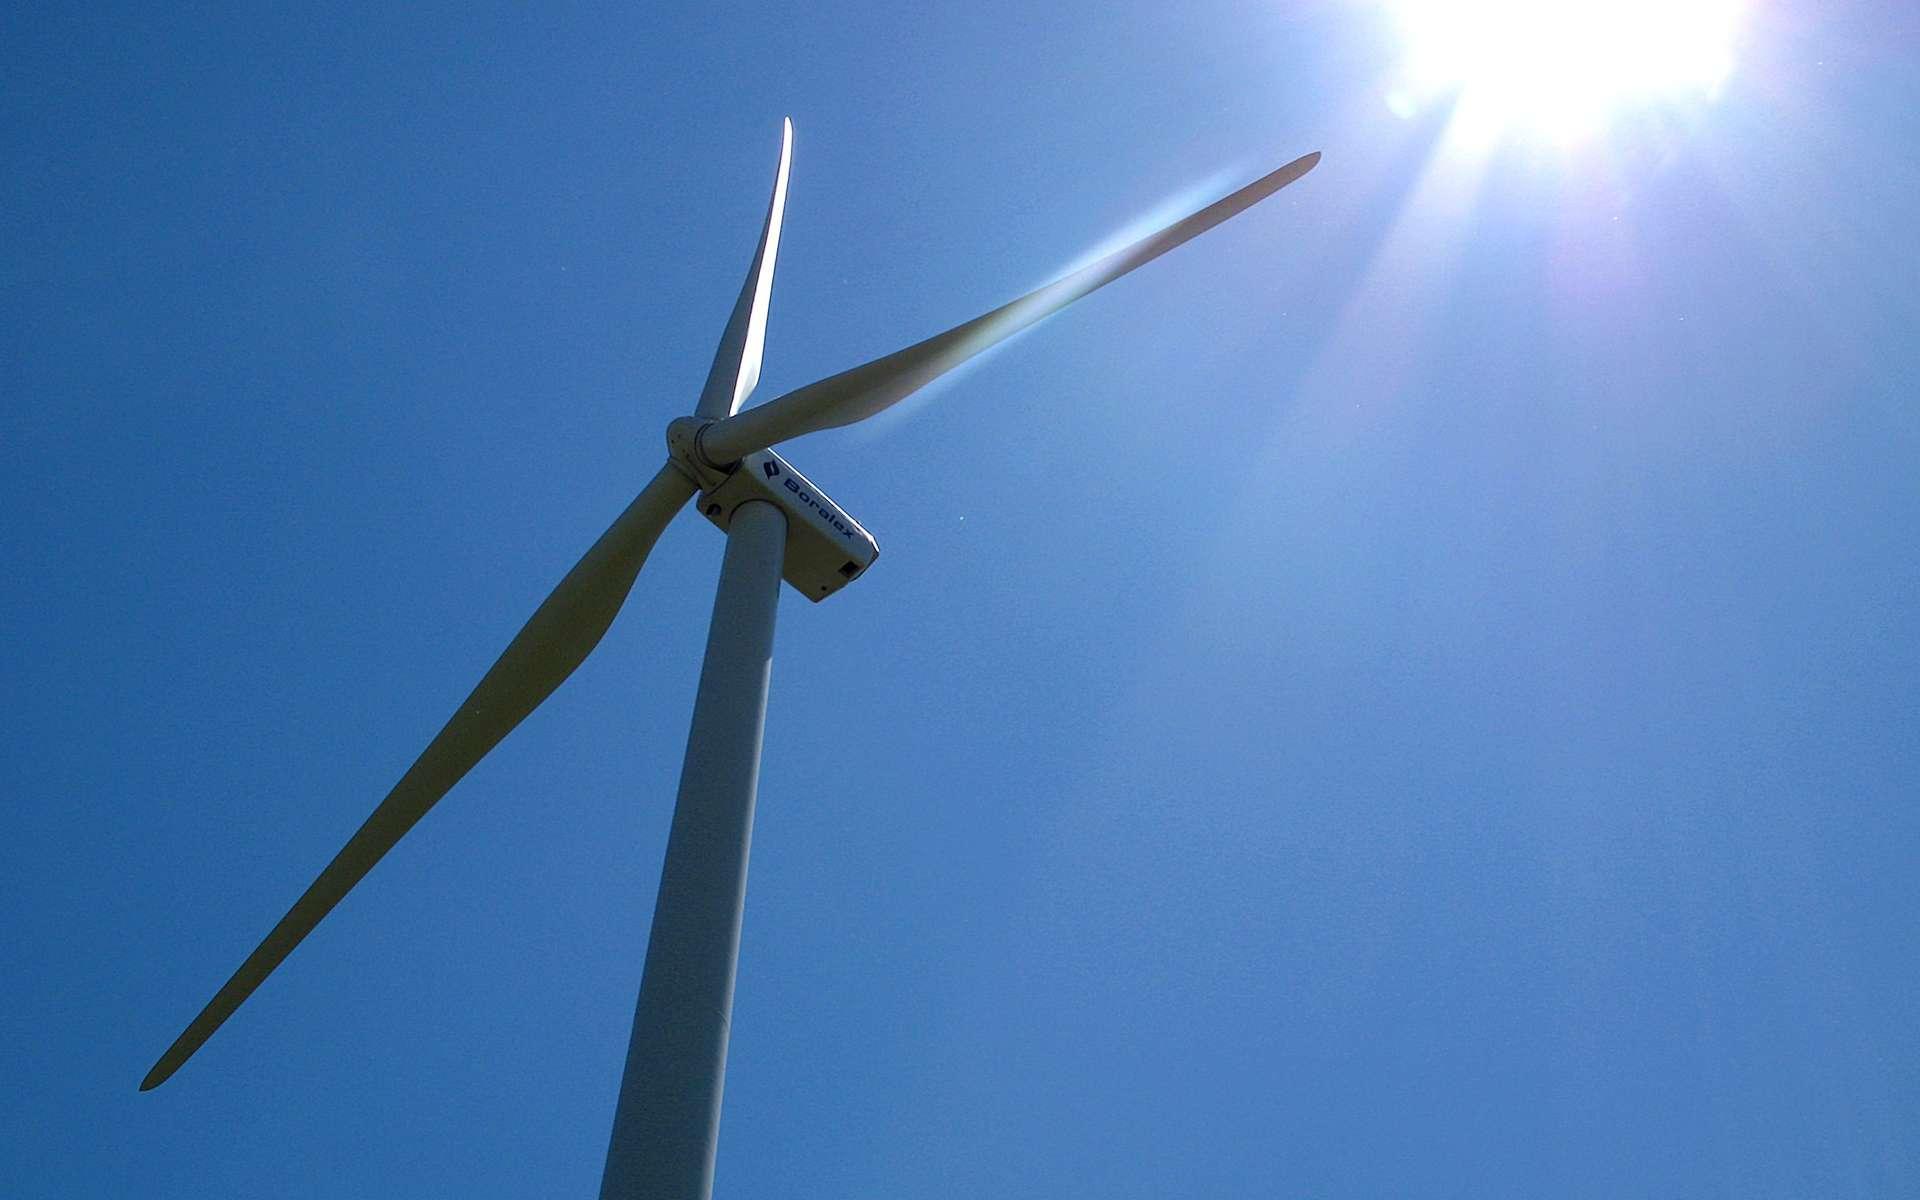 La production d'énergie grâce aux éoliennes est intermittente et non programmable, d'où le besoin de stocker l'électricité produite lorsque le vent souffle. © Dominique, Flickr, CC by-nc-nd 2.0